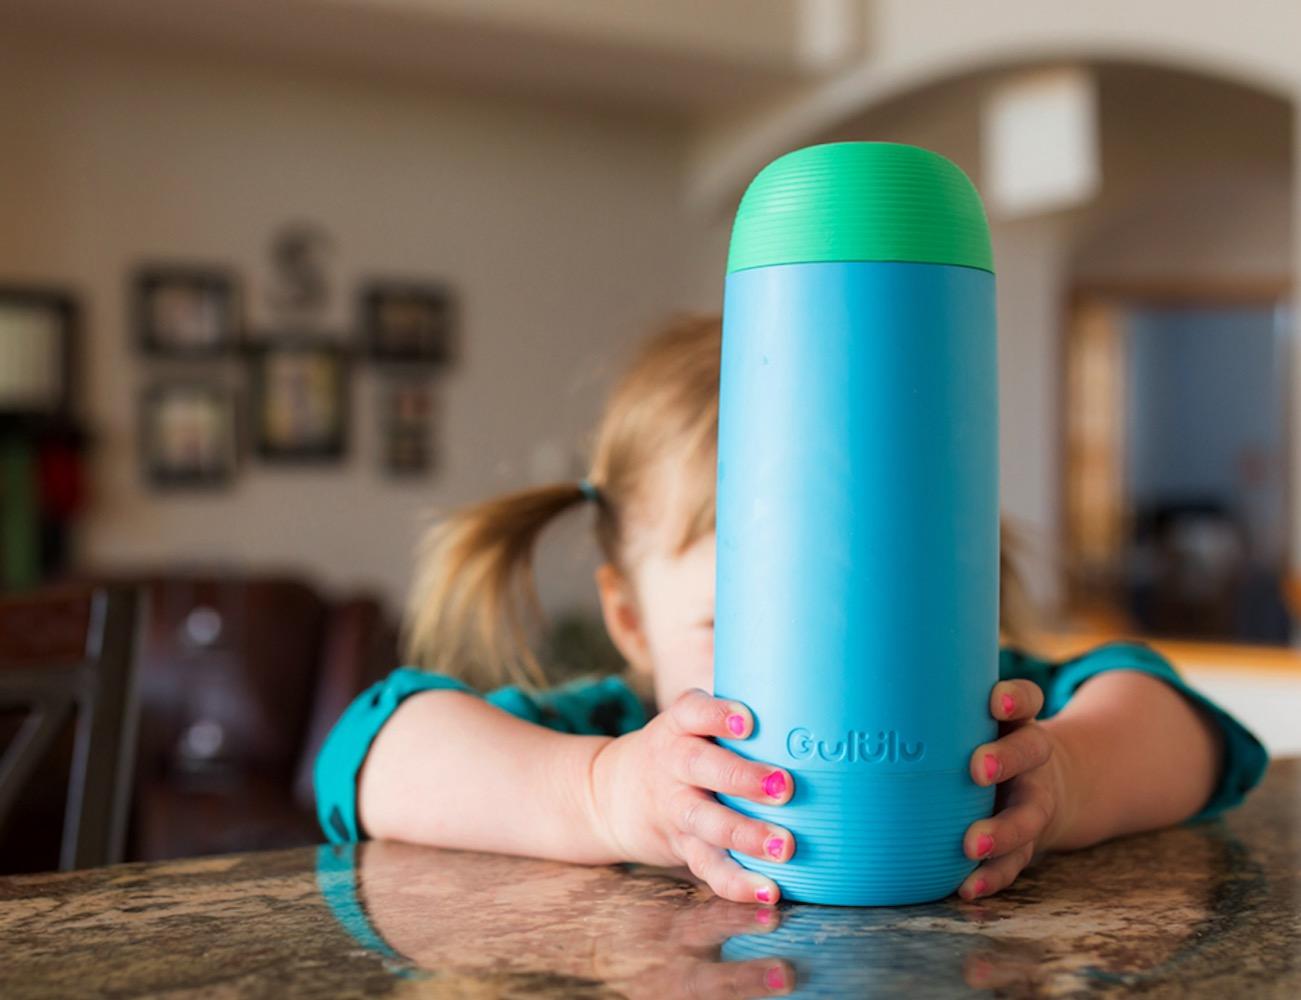 Gululu-Interactive-Water-Bottle-for-Kids (1)